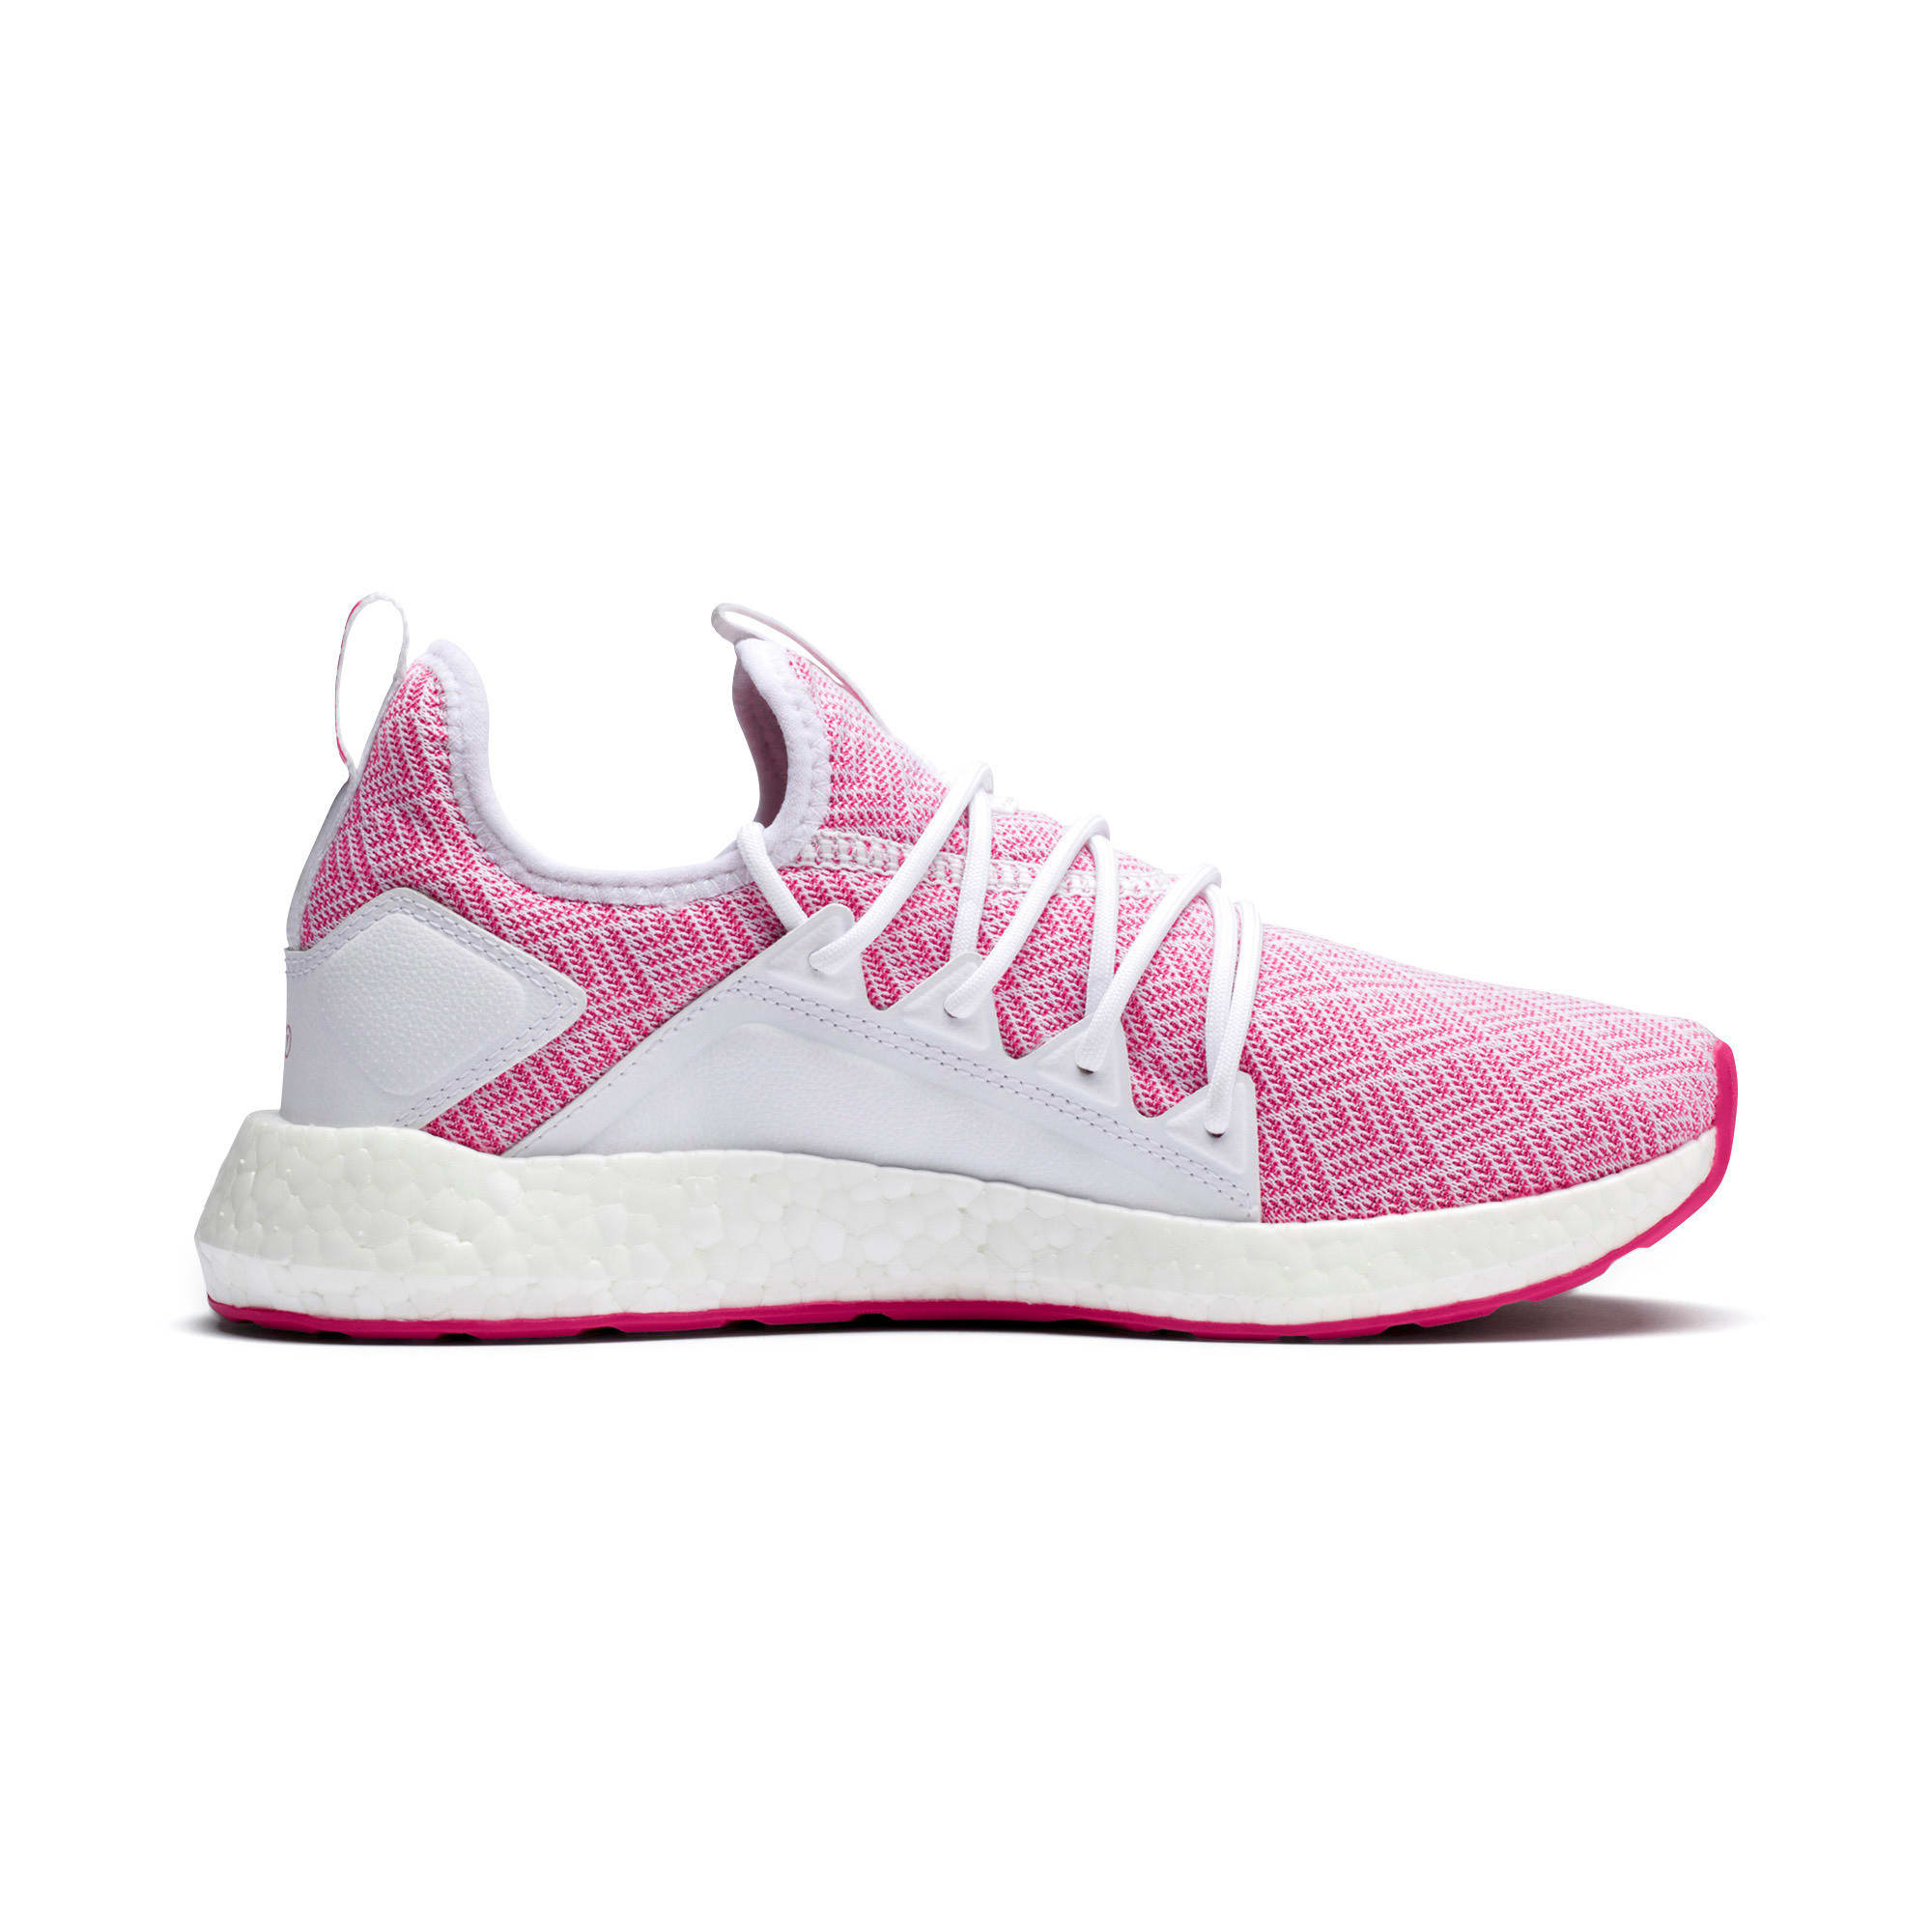 Thumbnail 5 of NRGY Neko Stellar Women's Running Shoes, Puma White-Fuchsia Purple, medium